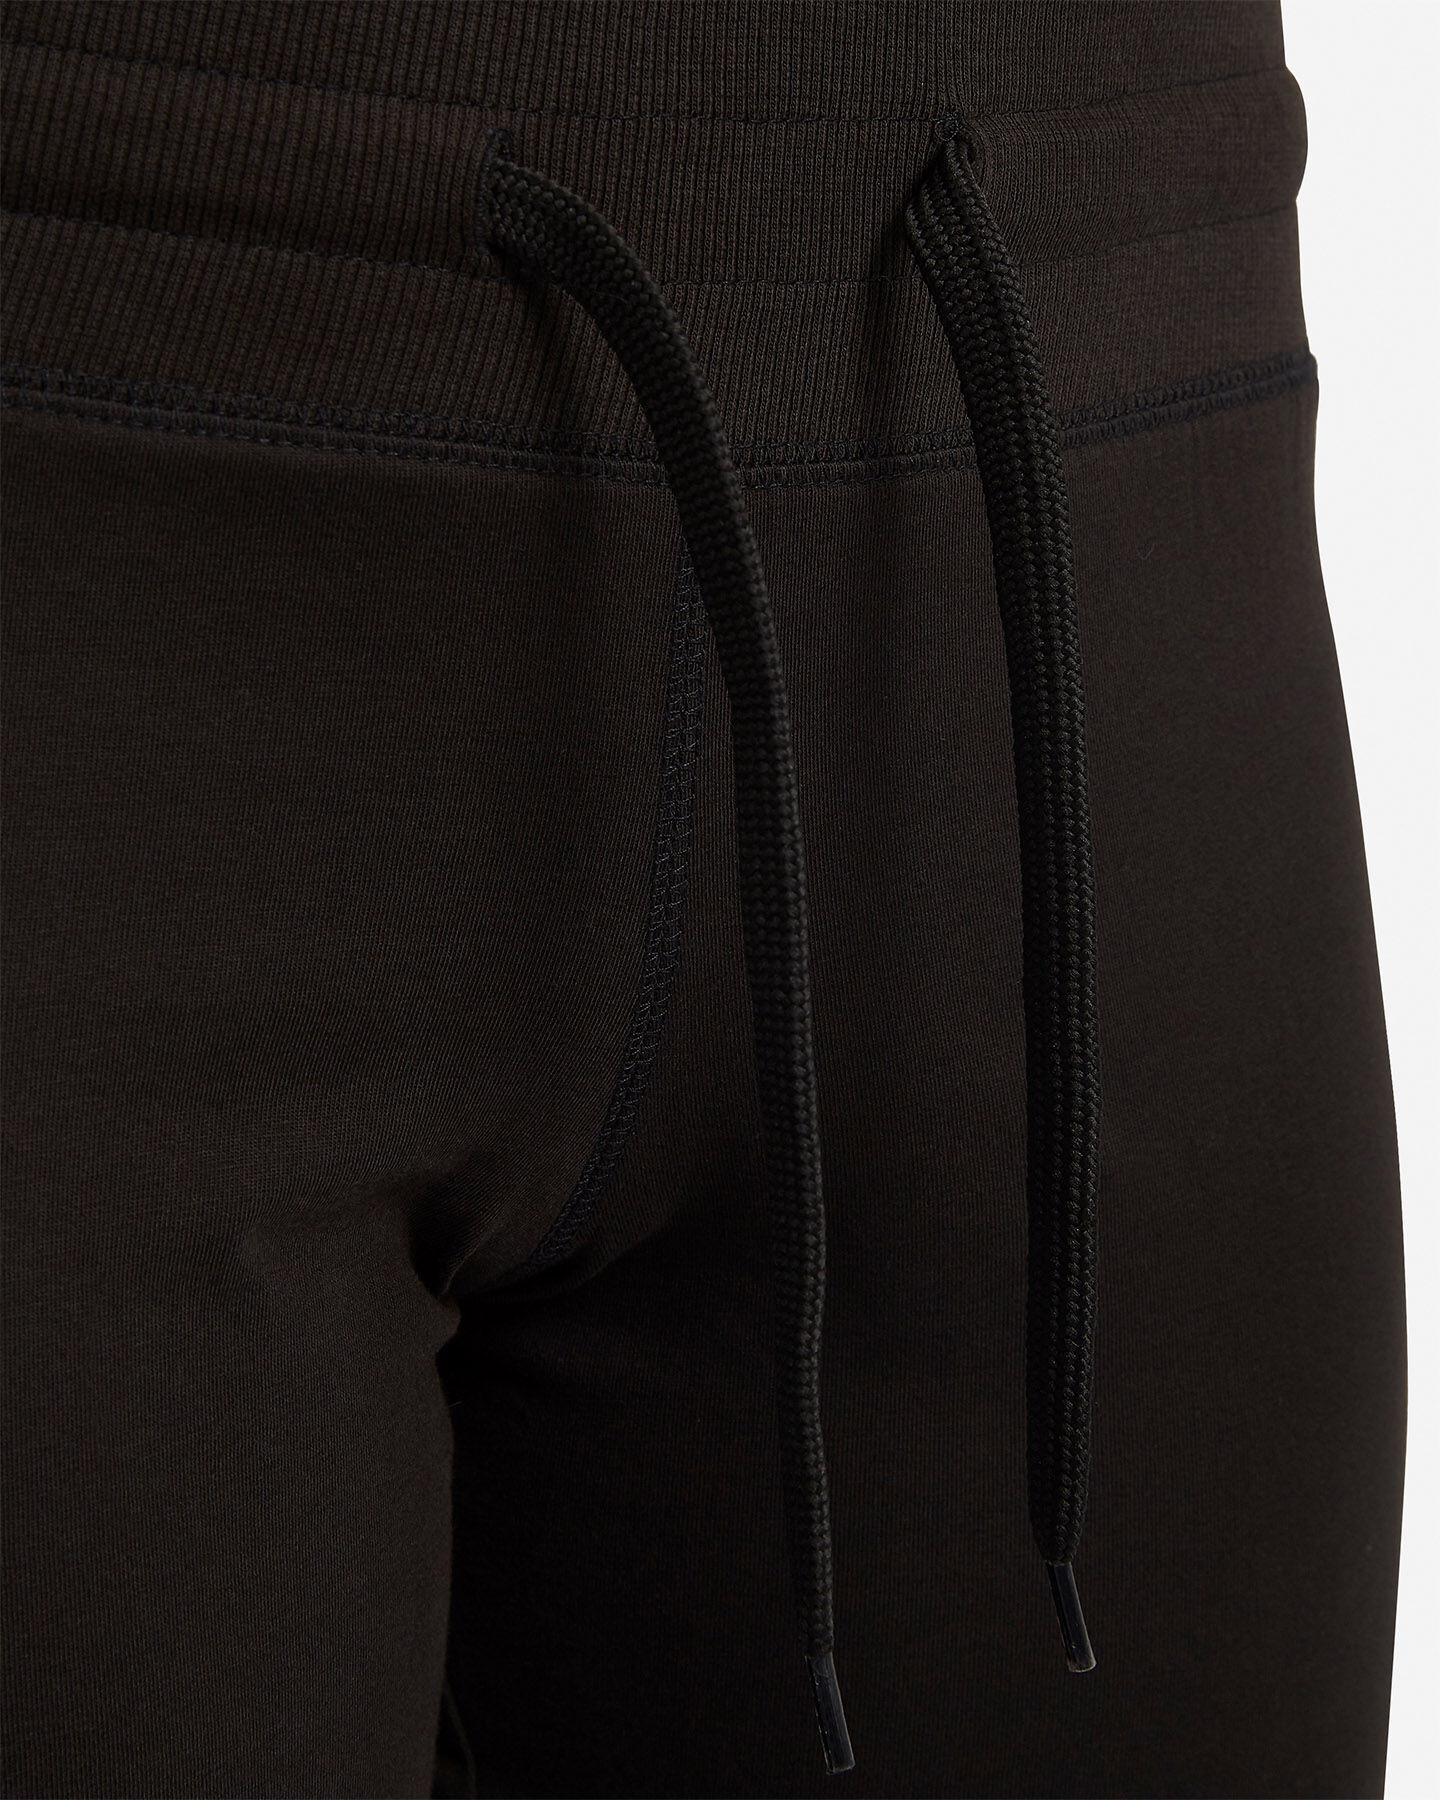 Pantalone ABC ISI W S4030756 scatto 3